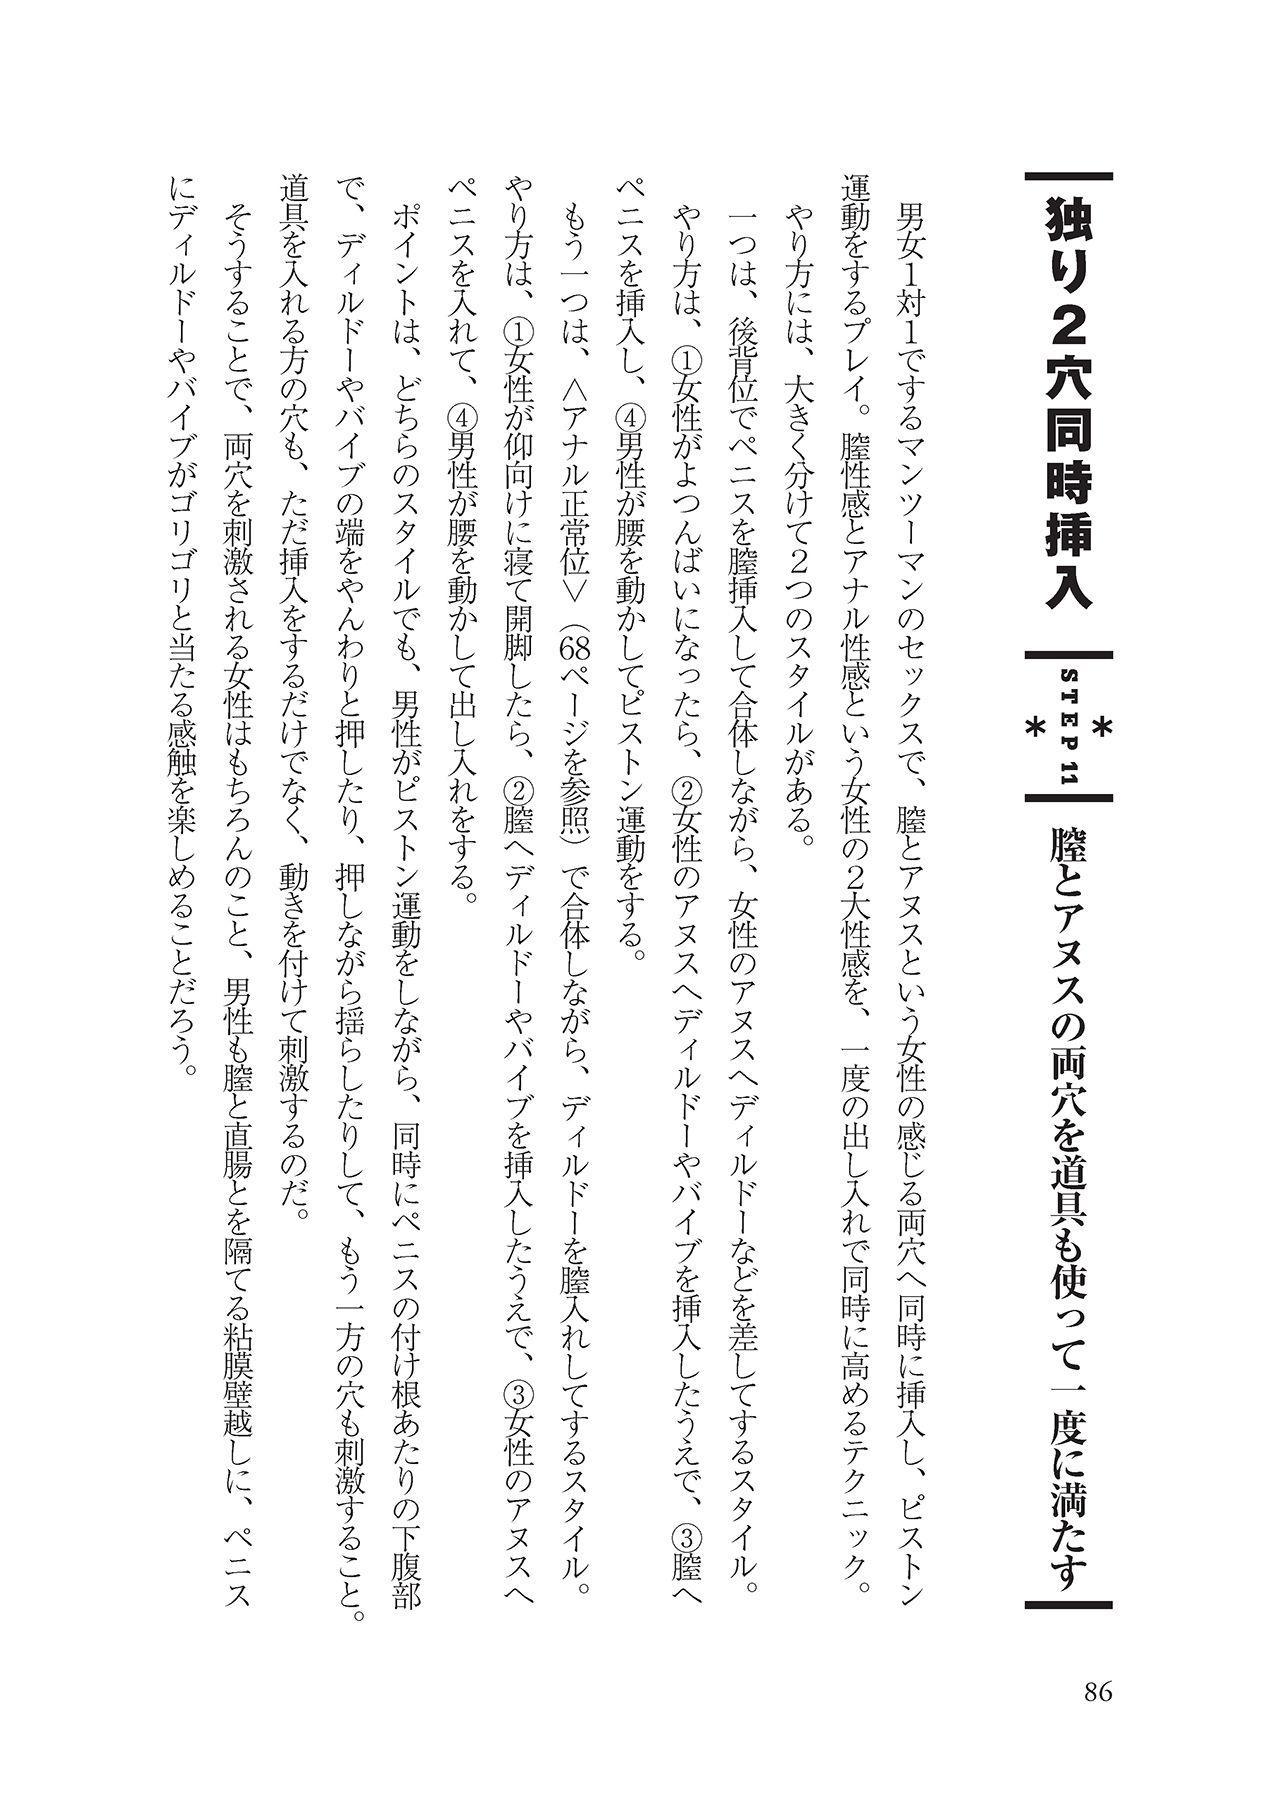 アナル性感開発・お尻エッチ 完全マニュアル 87